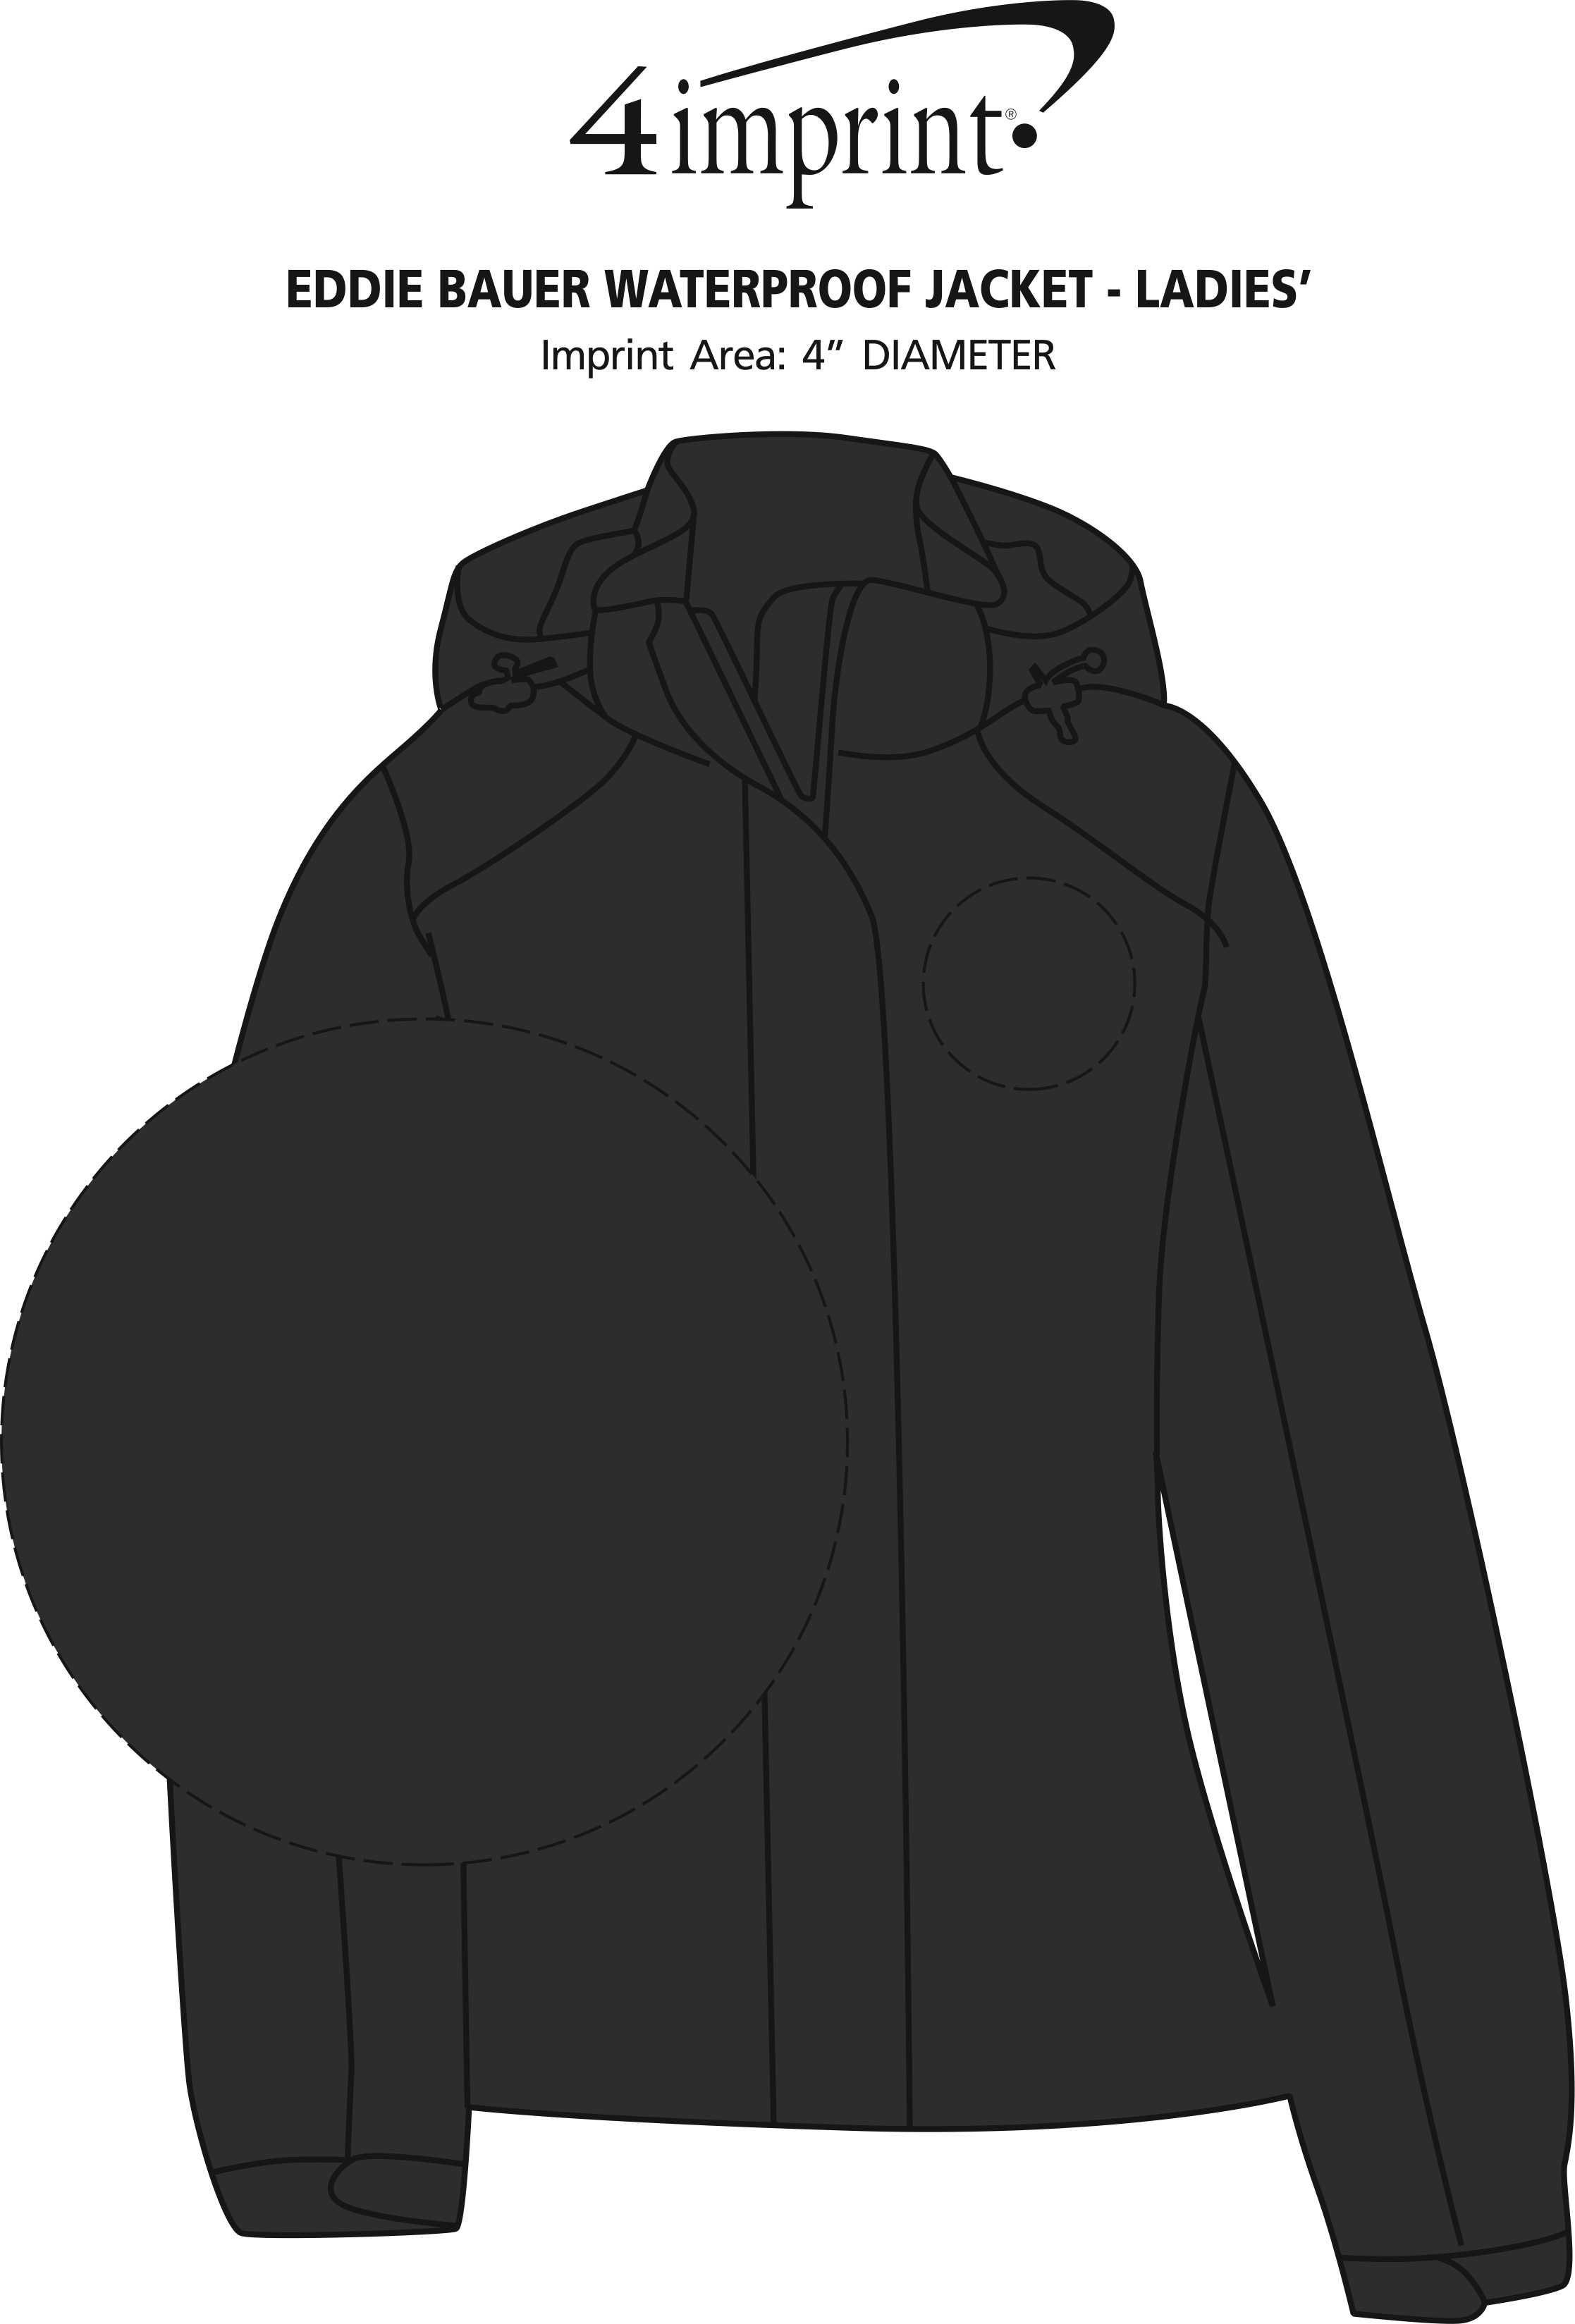 Imprint Area of Eddie Bauer Waterproof Jacket - Ladies'